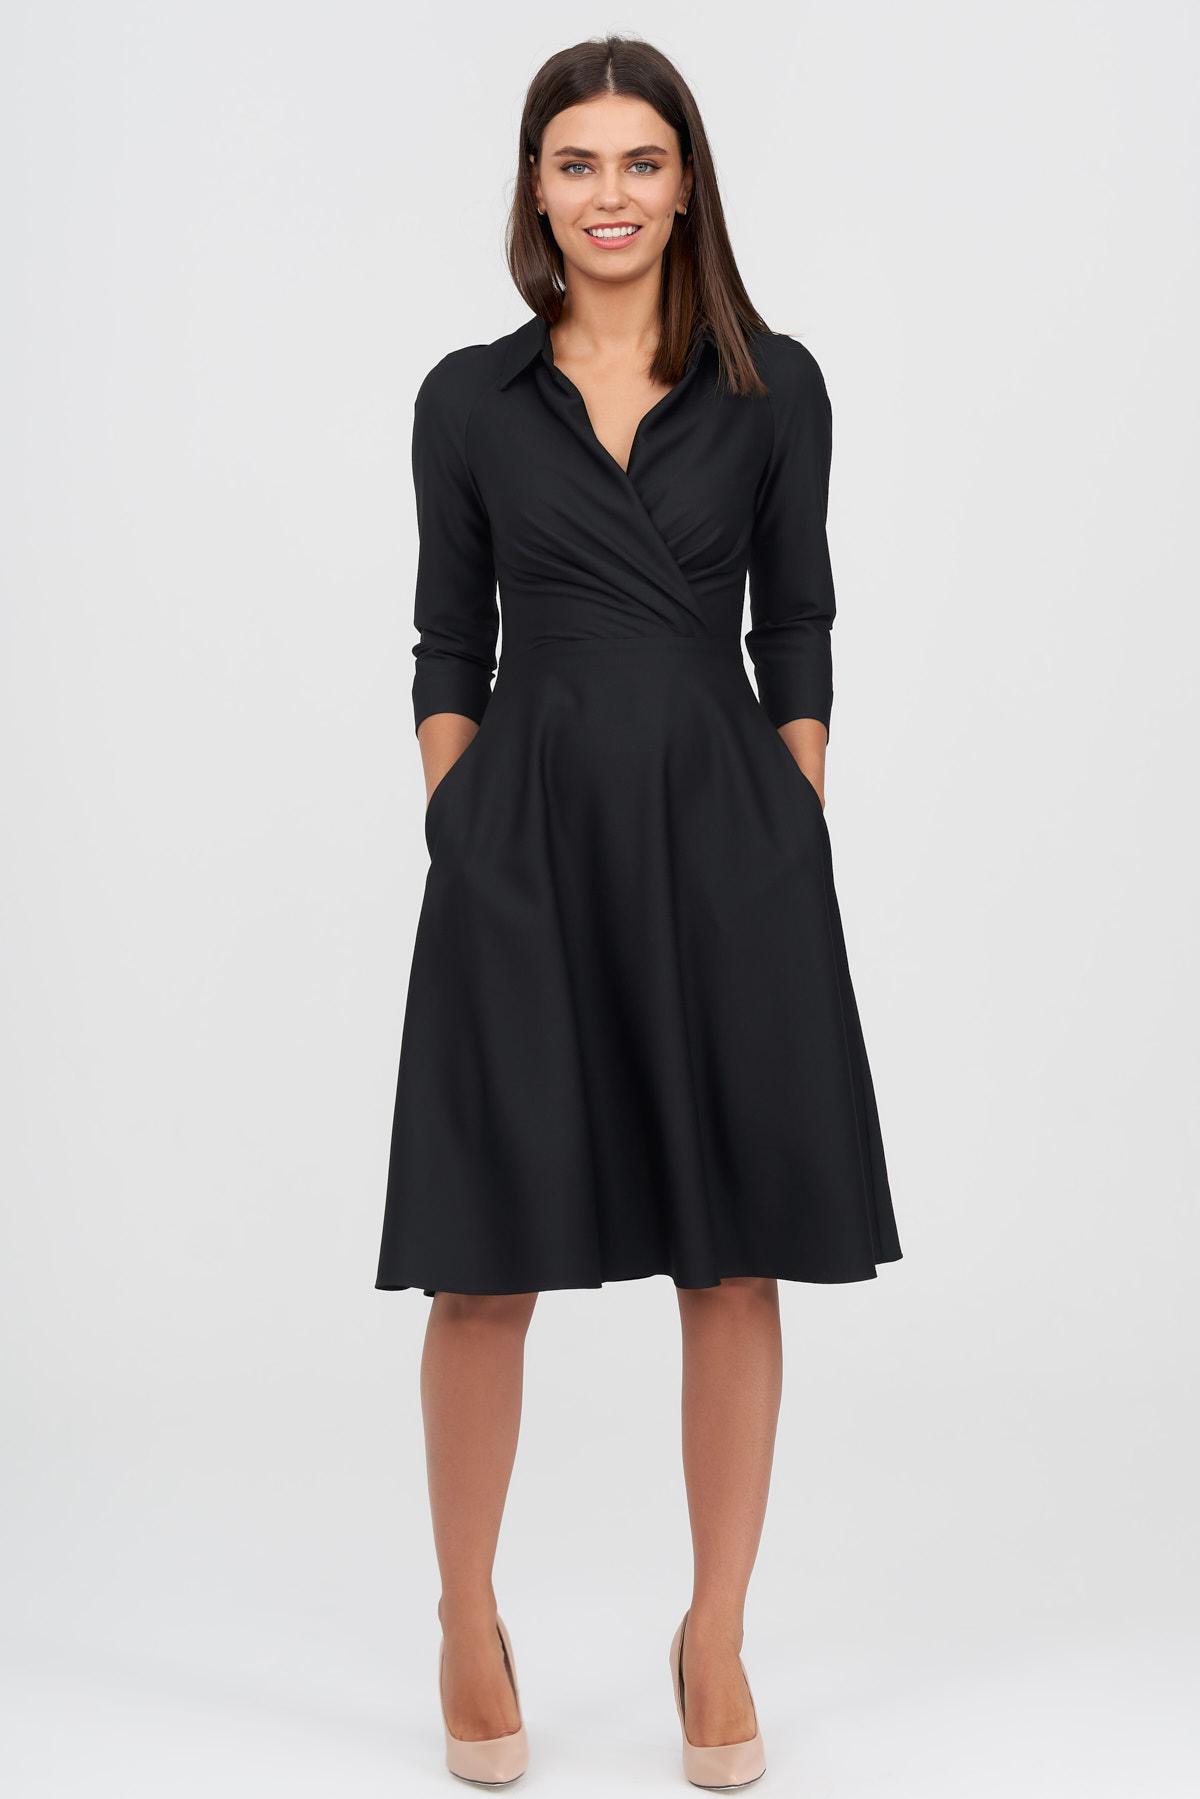 Платье женские Natali Bolgar модель 19069MAD49 , 2017